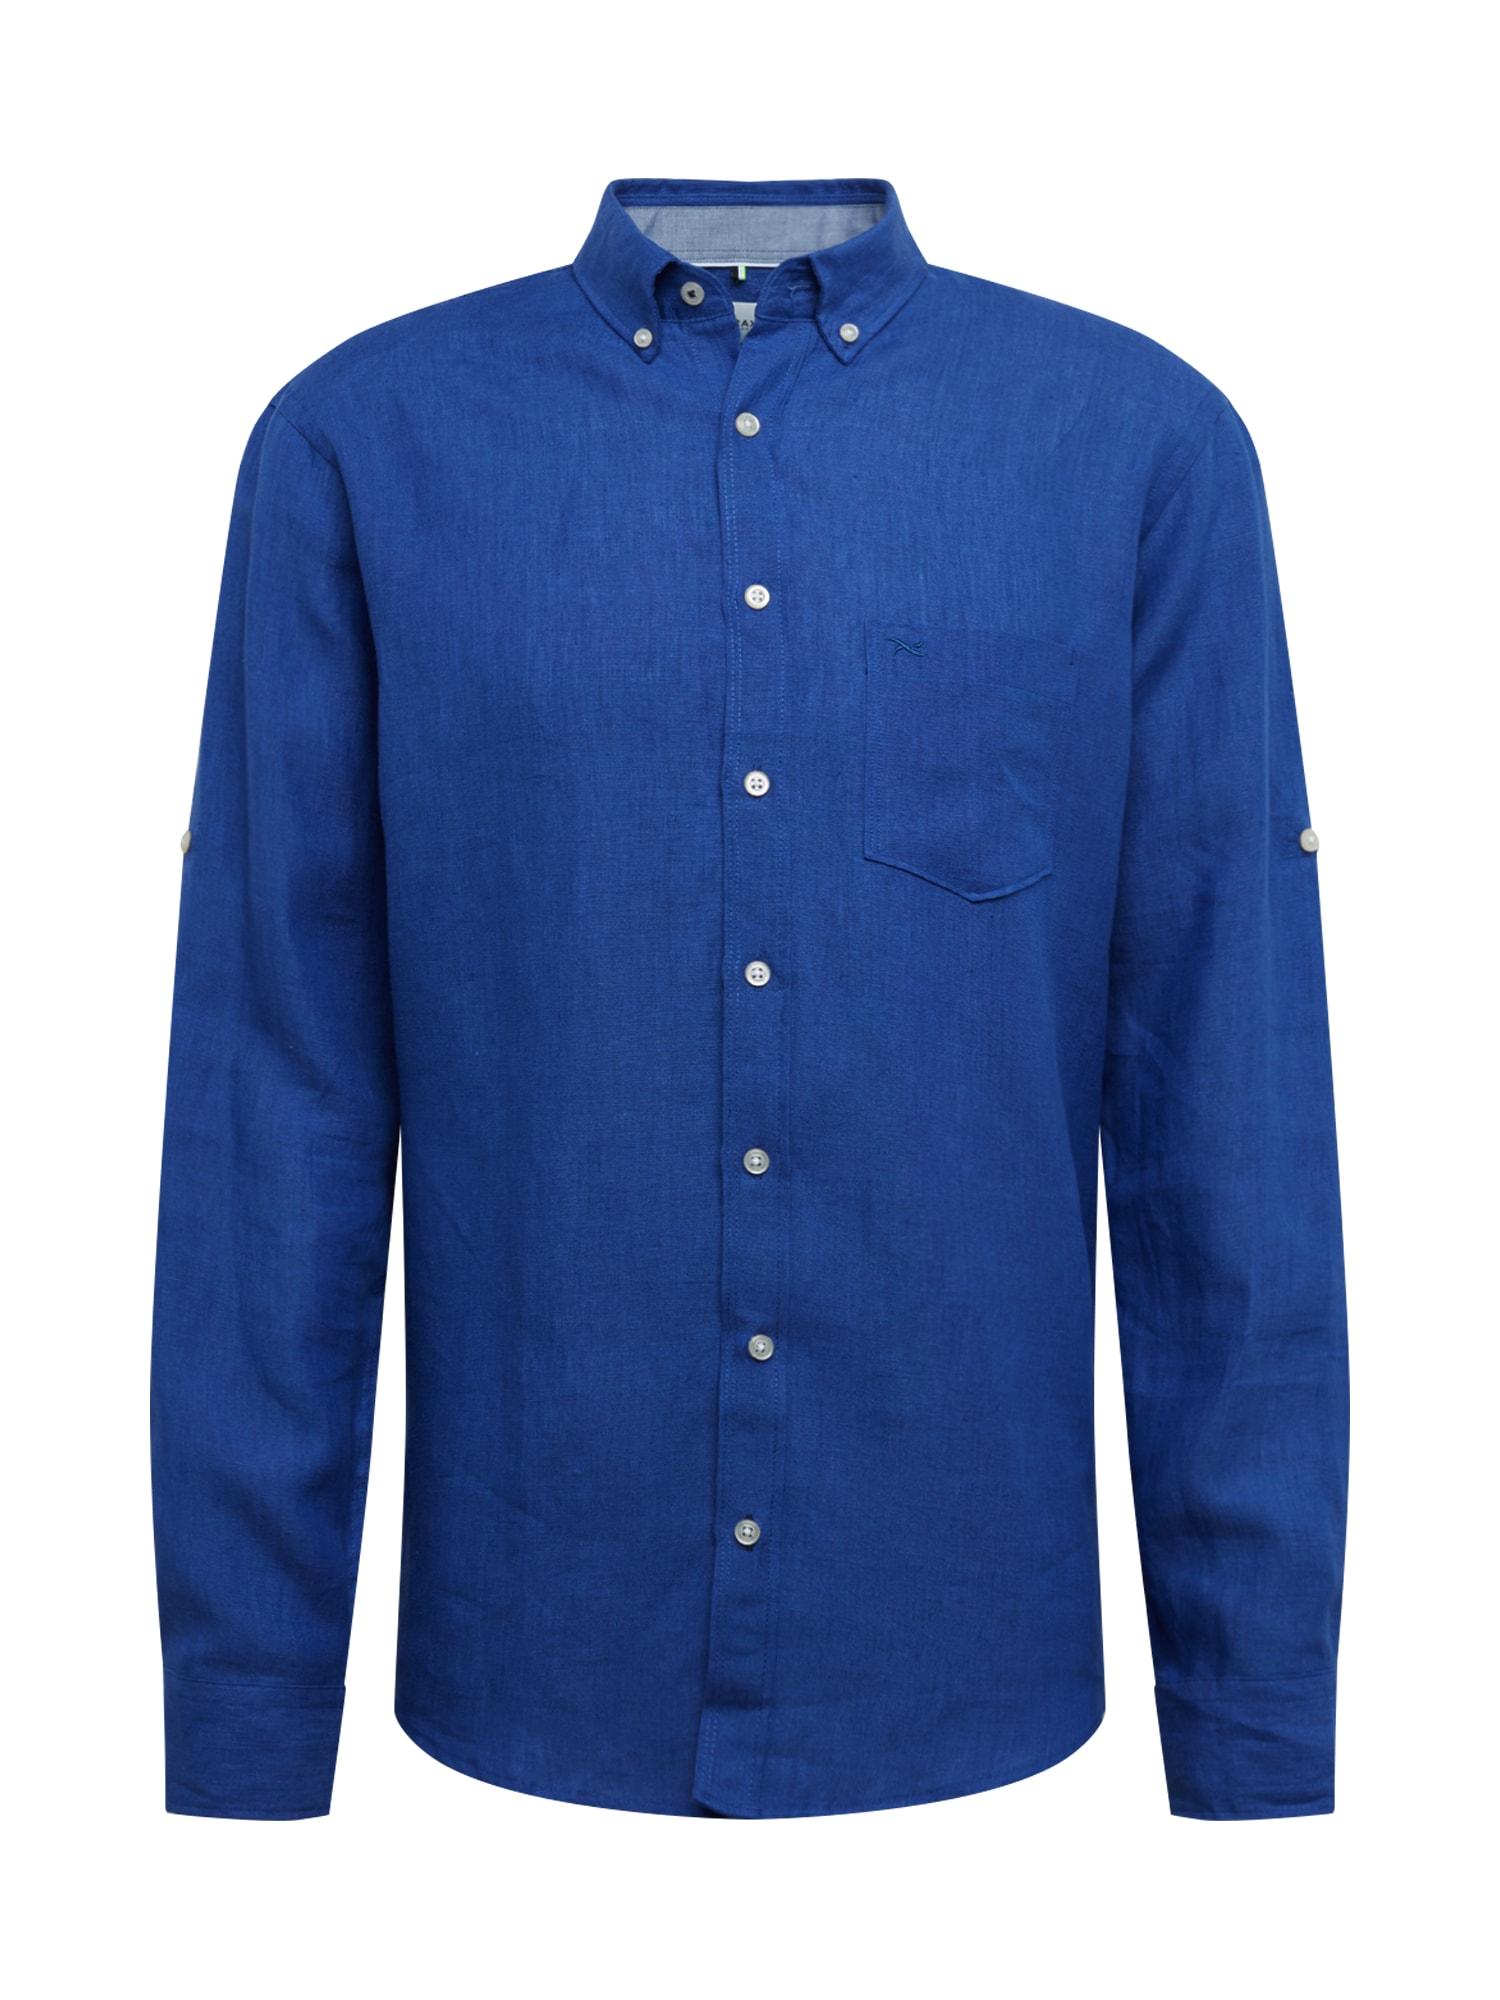 BRAX Dalykiniai marškiniai 'DIRK' mėlyna